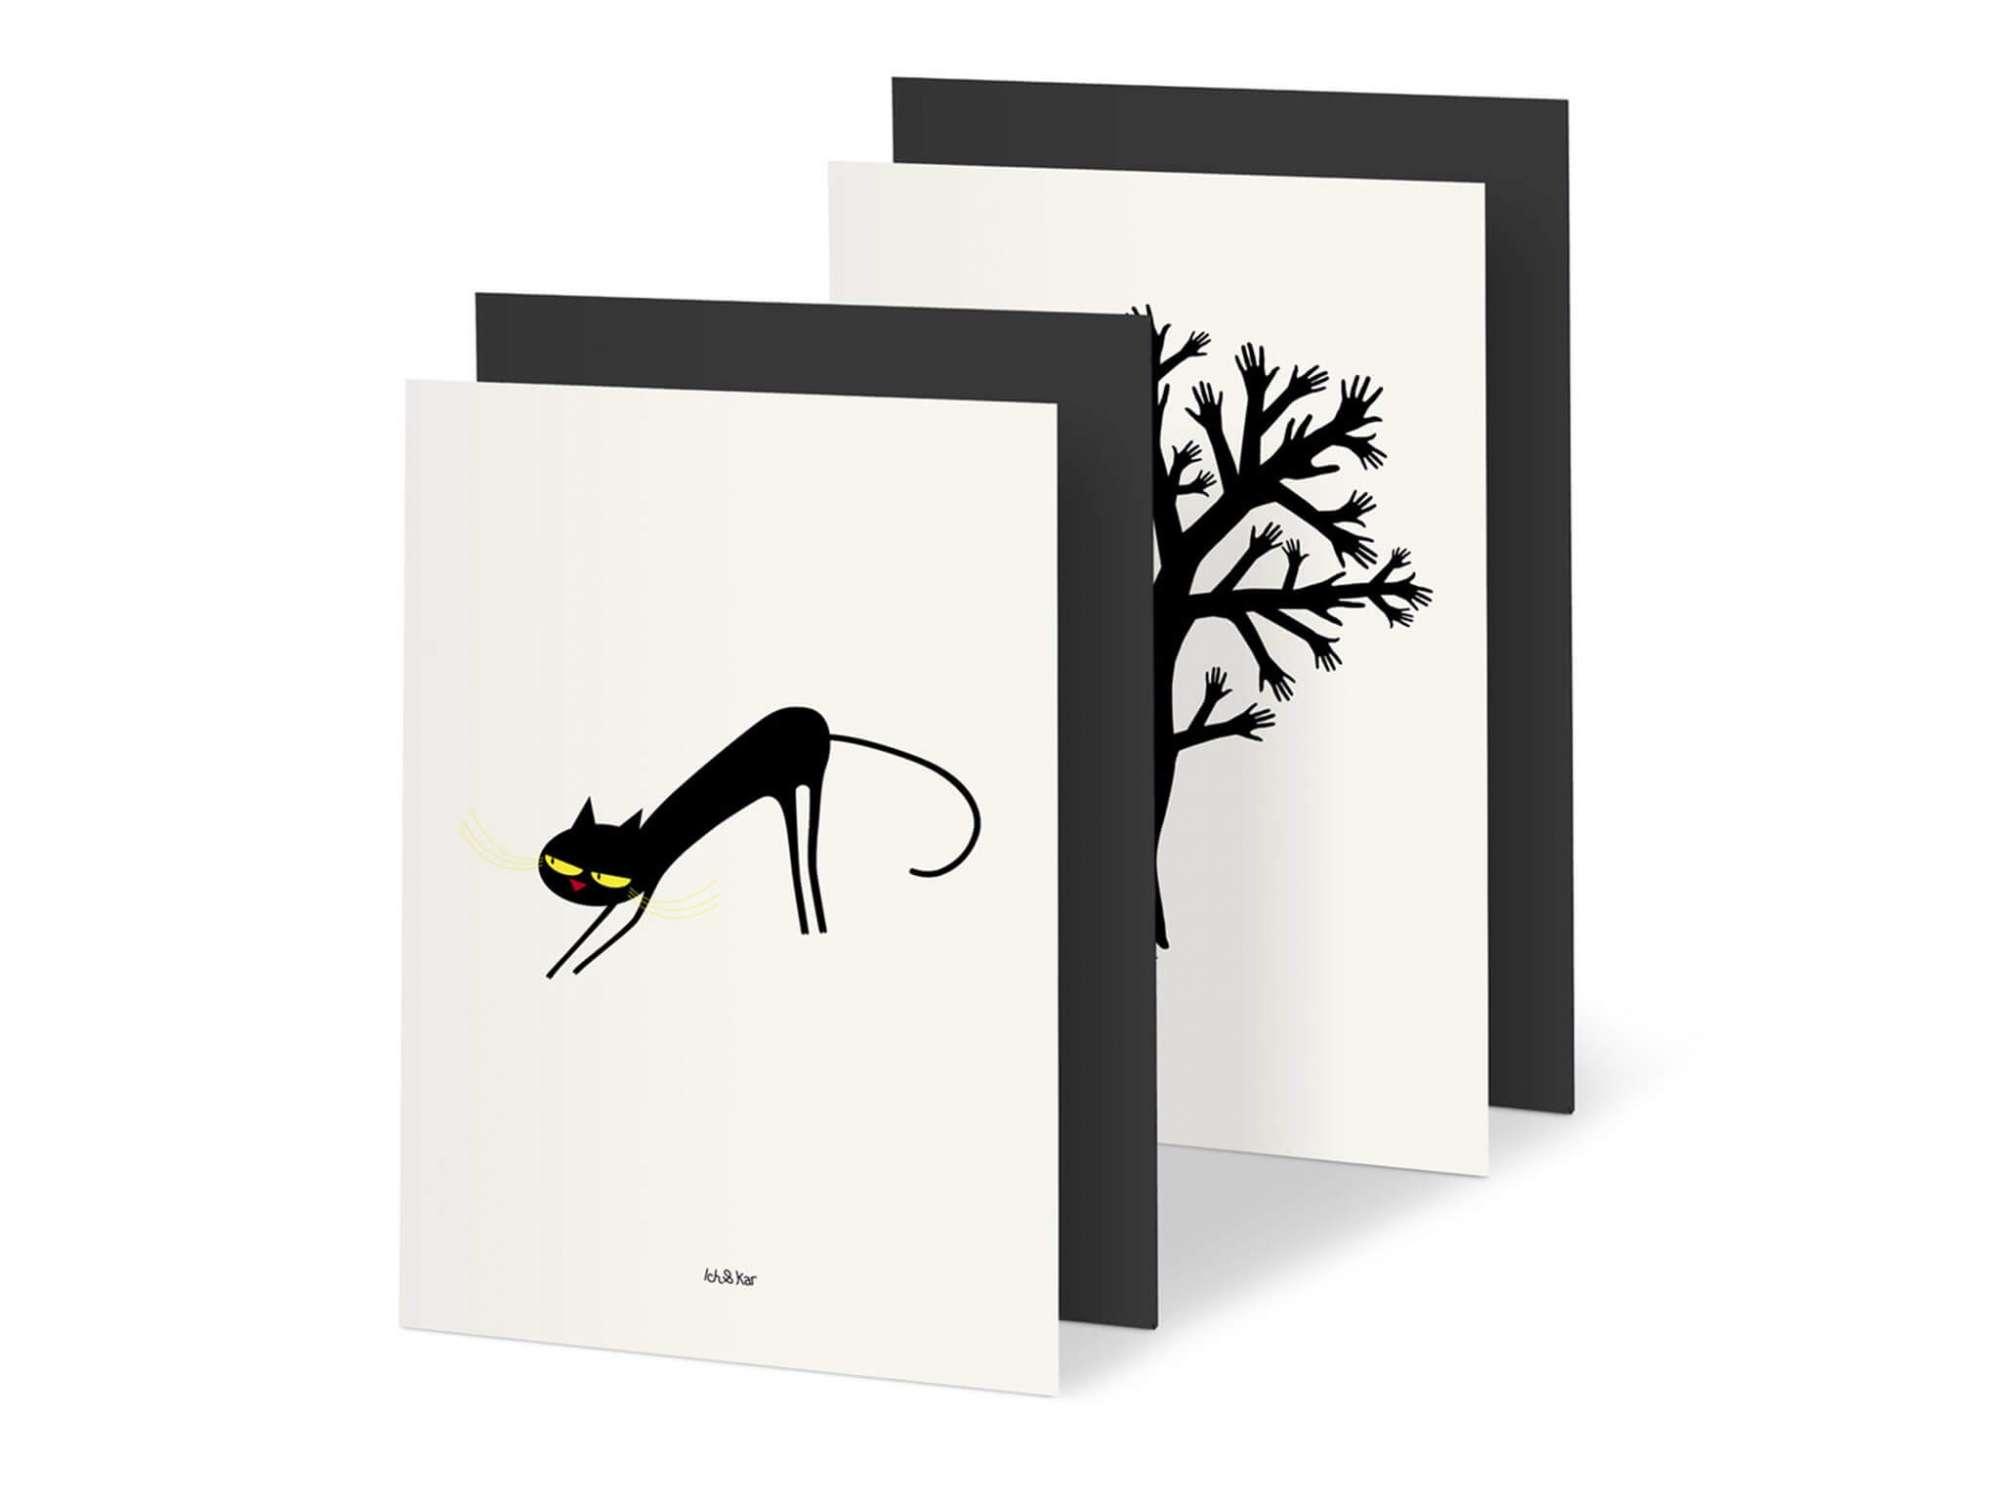 deux illustrations du répertoire d'Ich&Kar, accompagnées de leurs enveloppes noires assorties